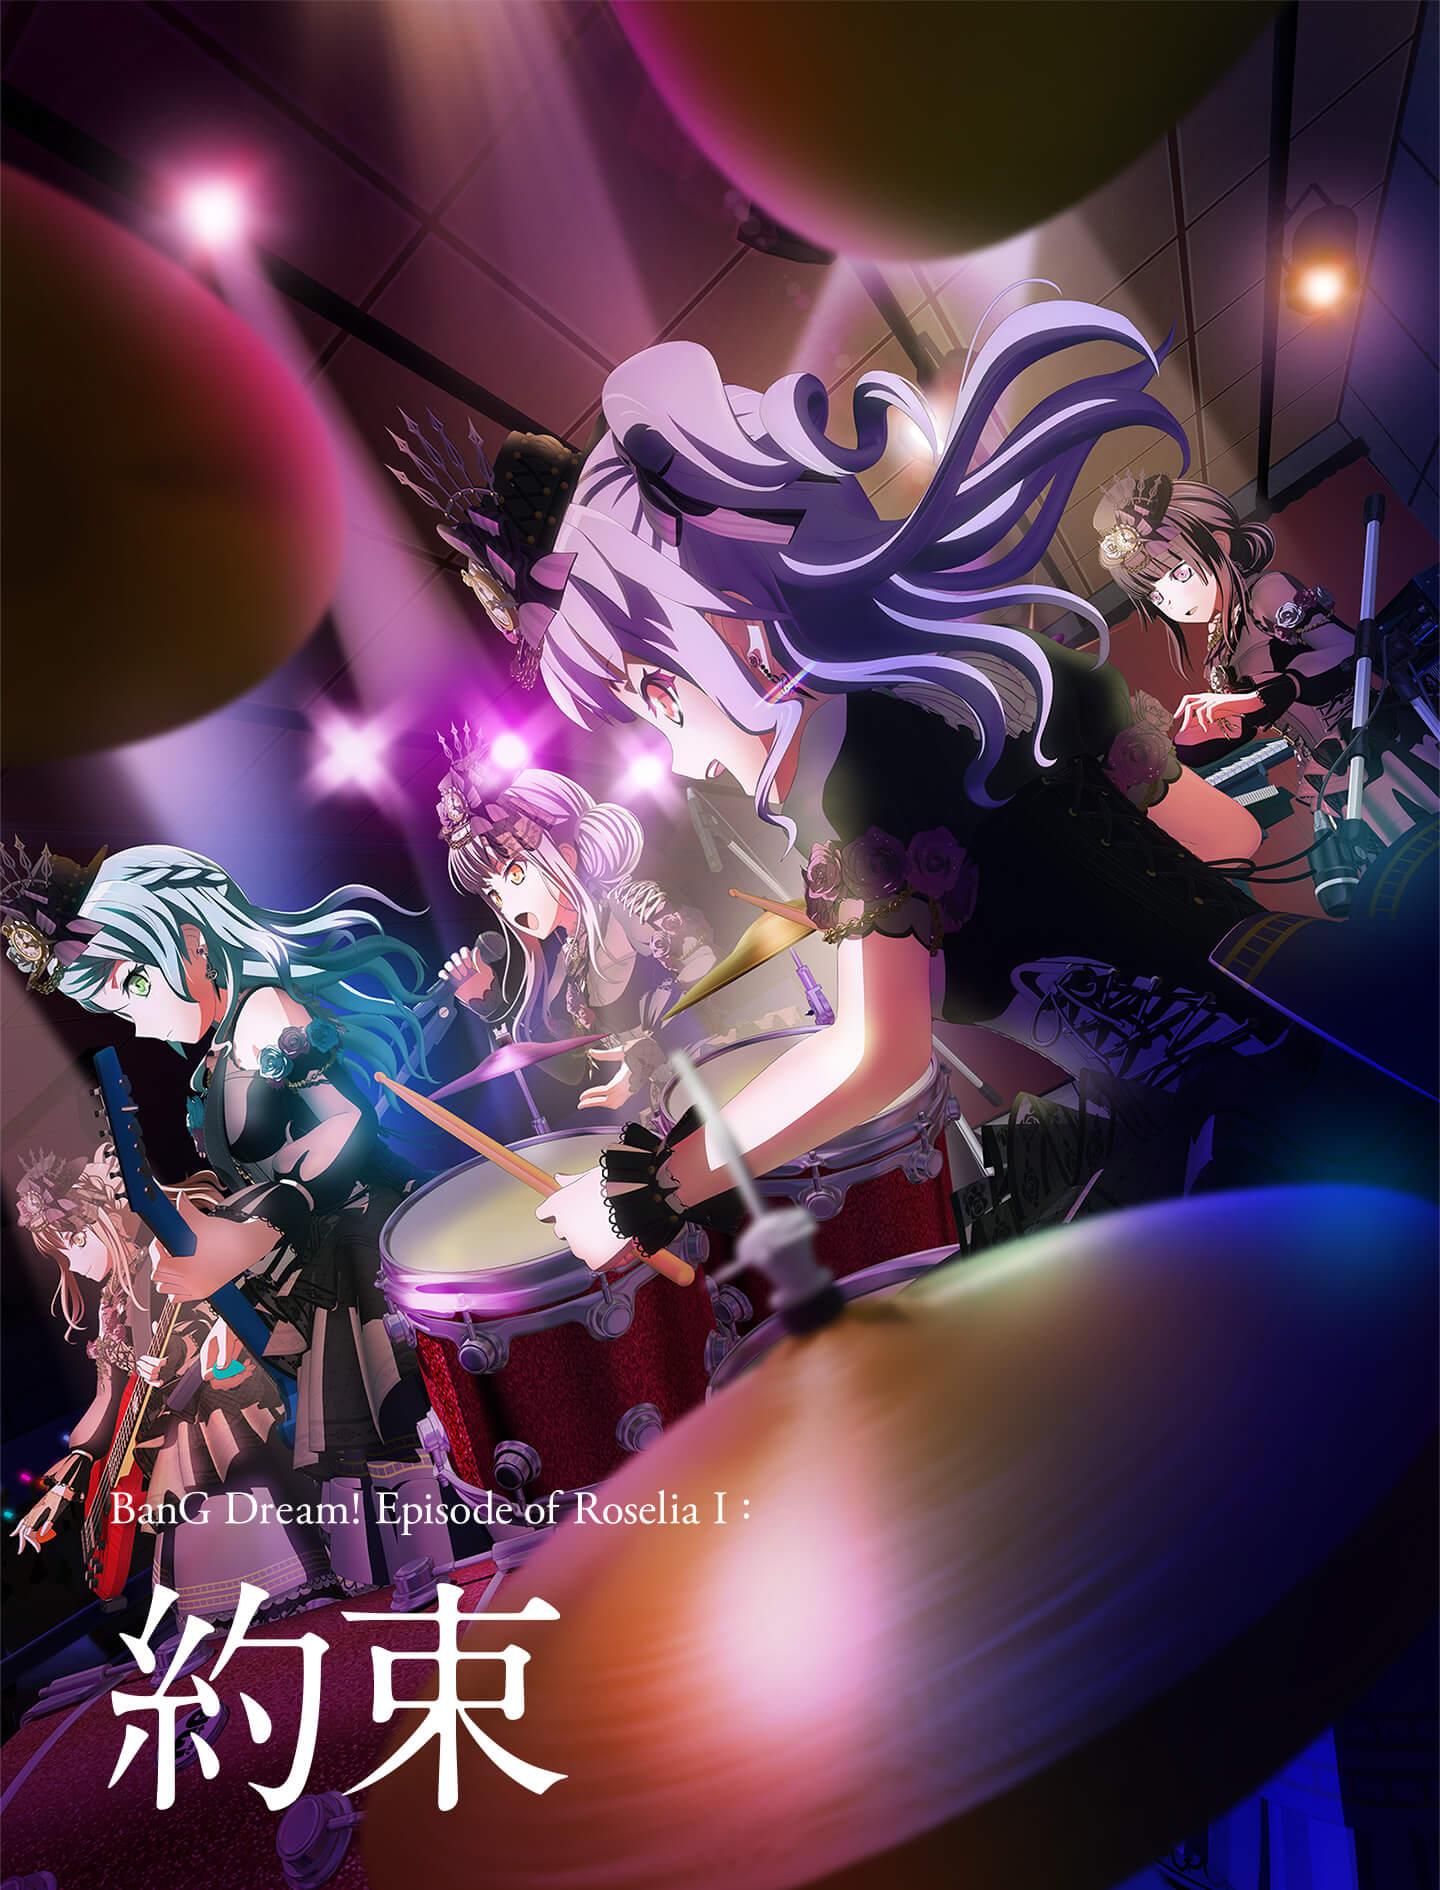 劇場版「BanG Dream! Episode of Roselia Ⅰ : 約束」キービジュアル